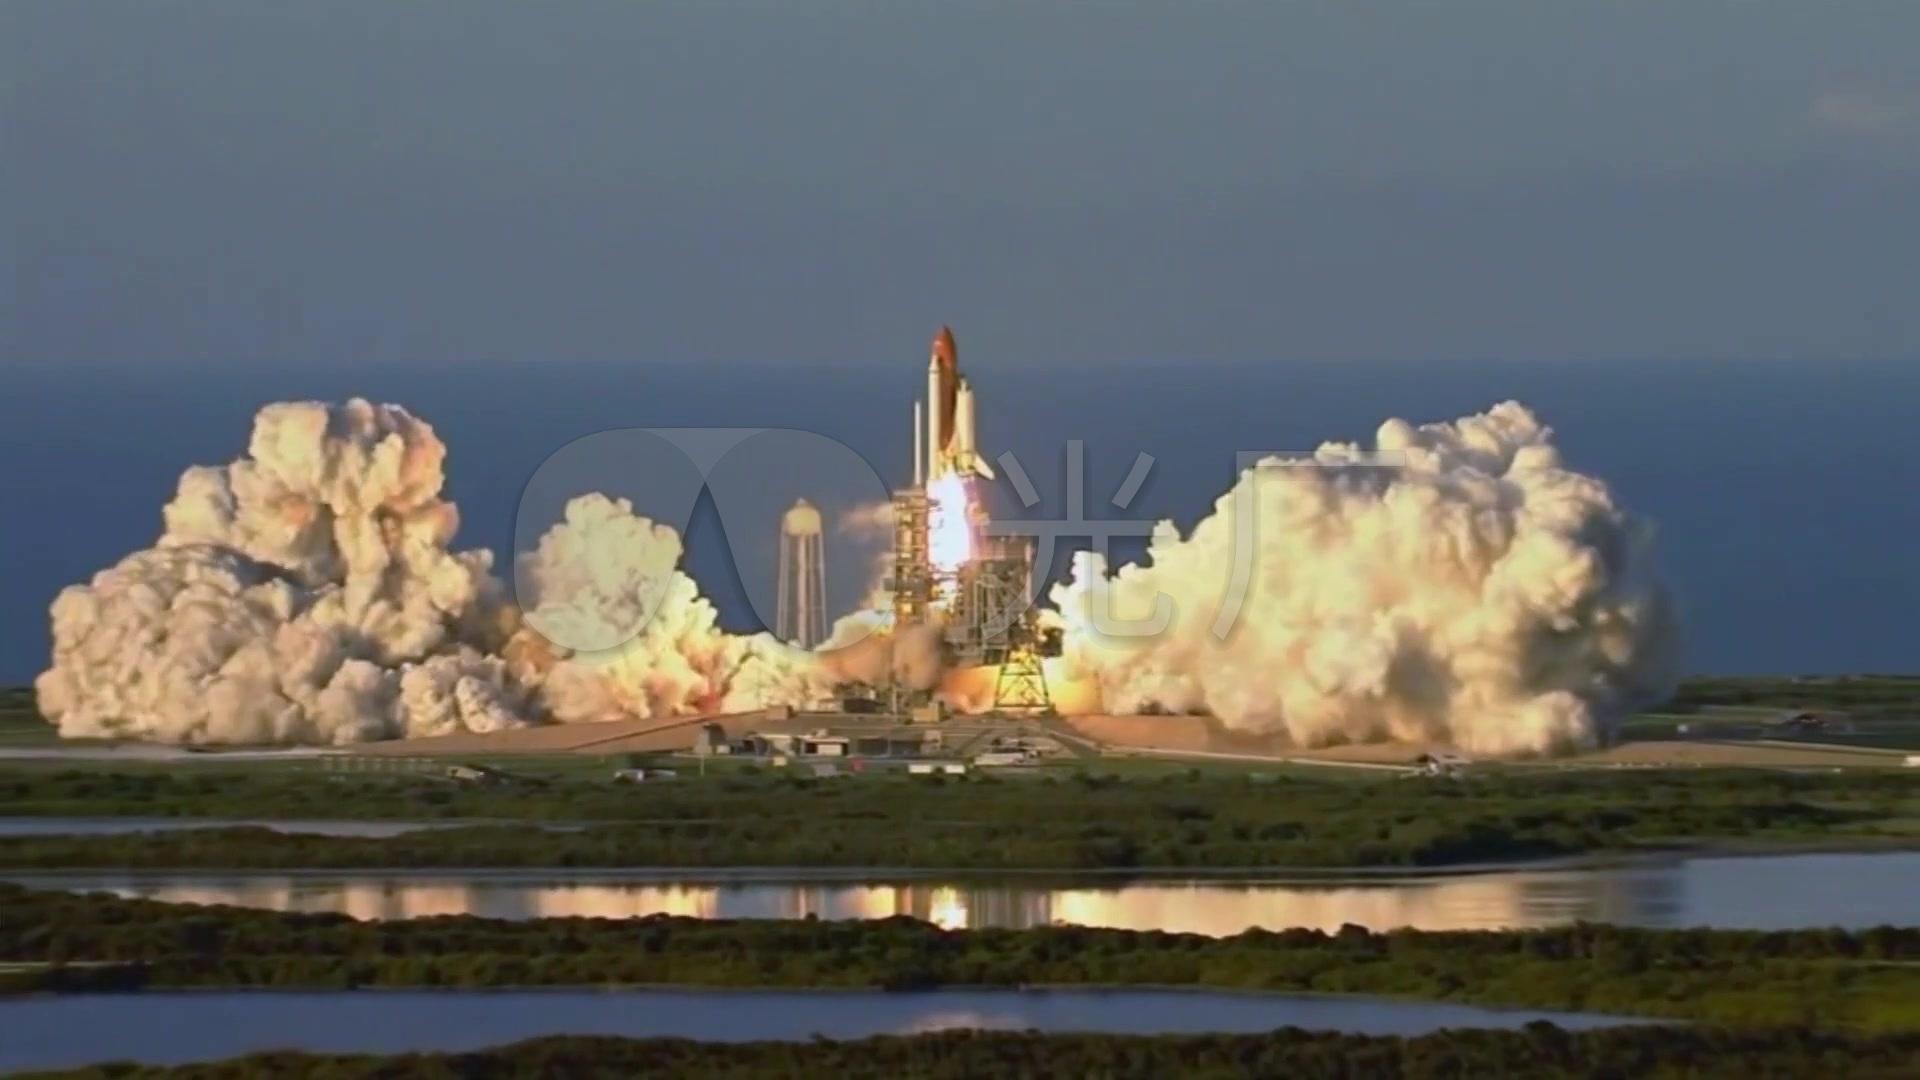 美国航天飞机_运载火箭发射升空实拍_宇航_1920x1080